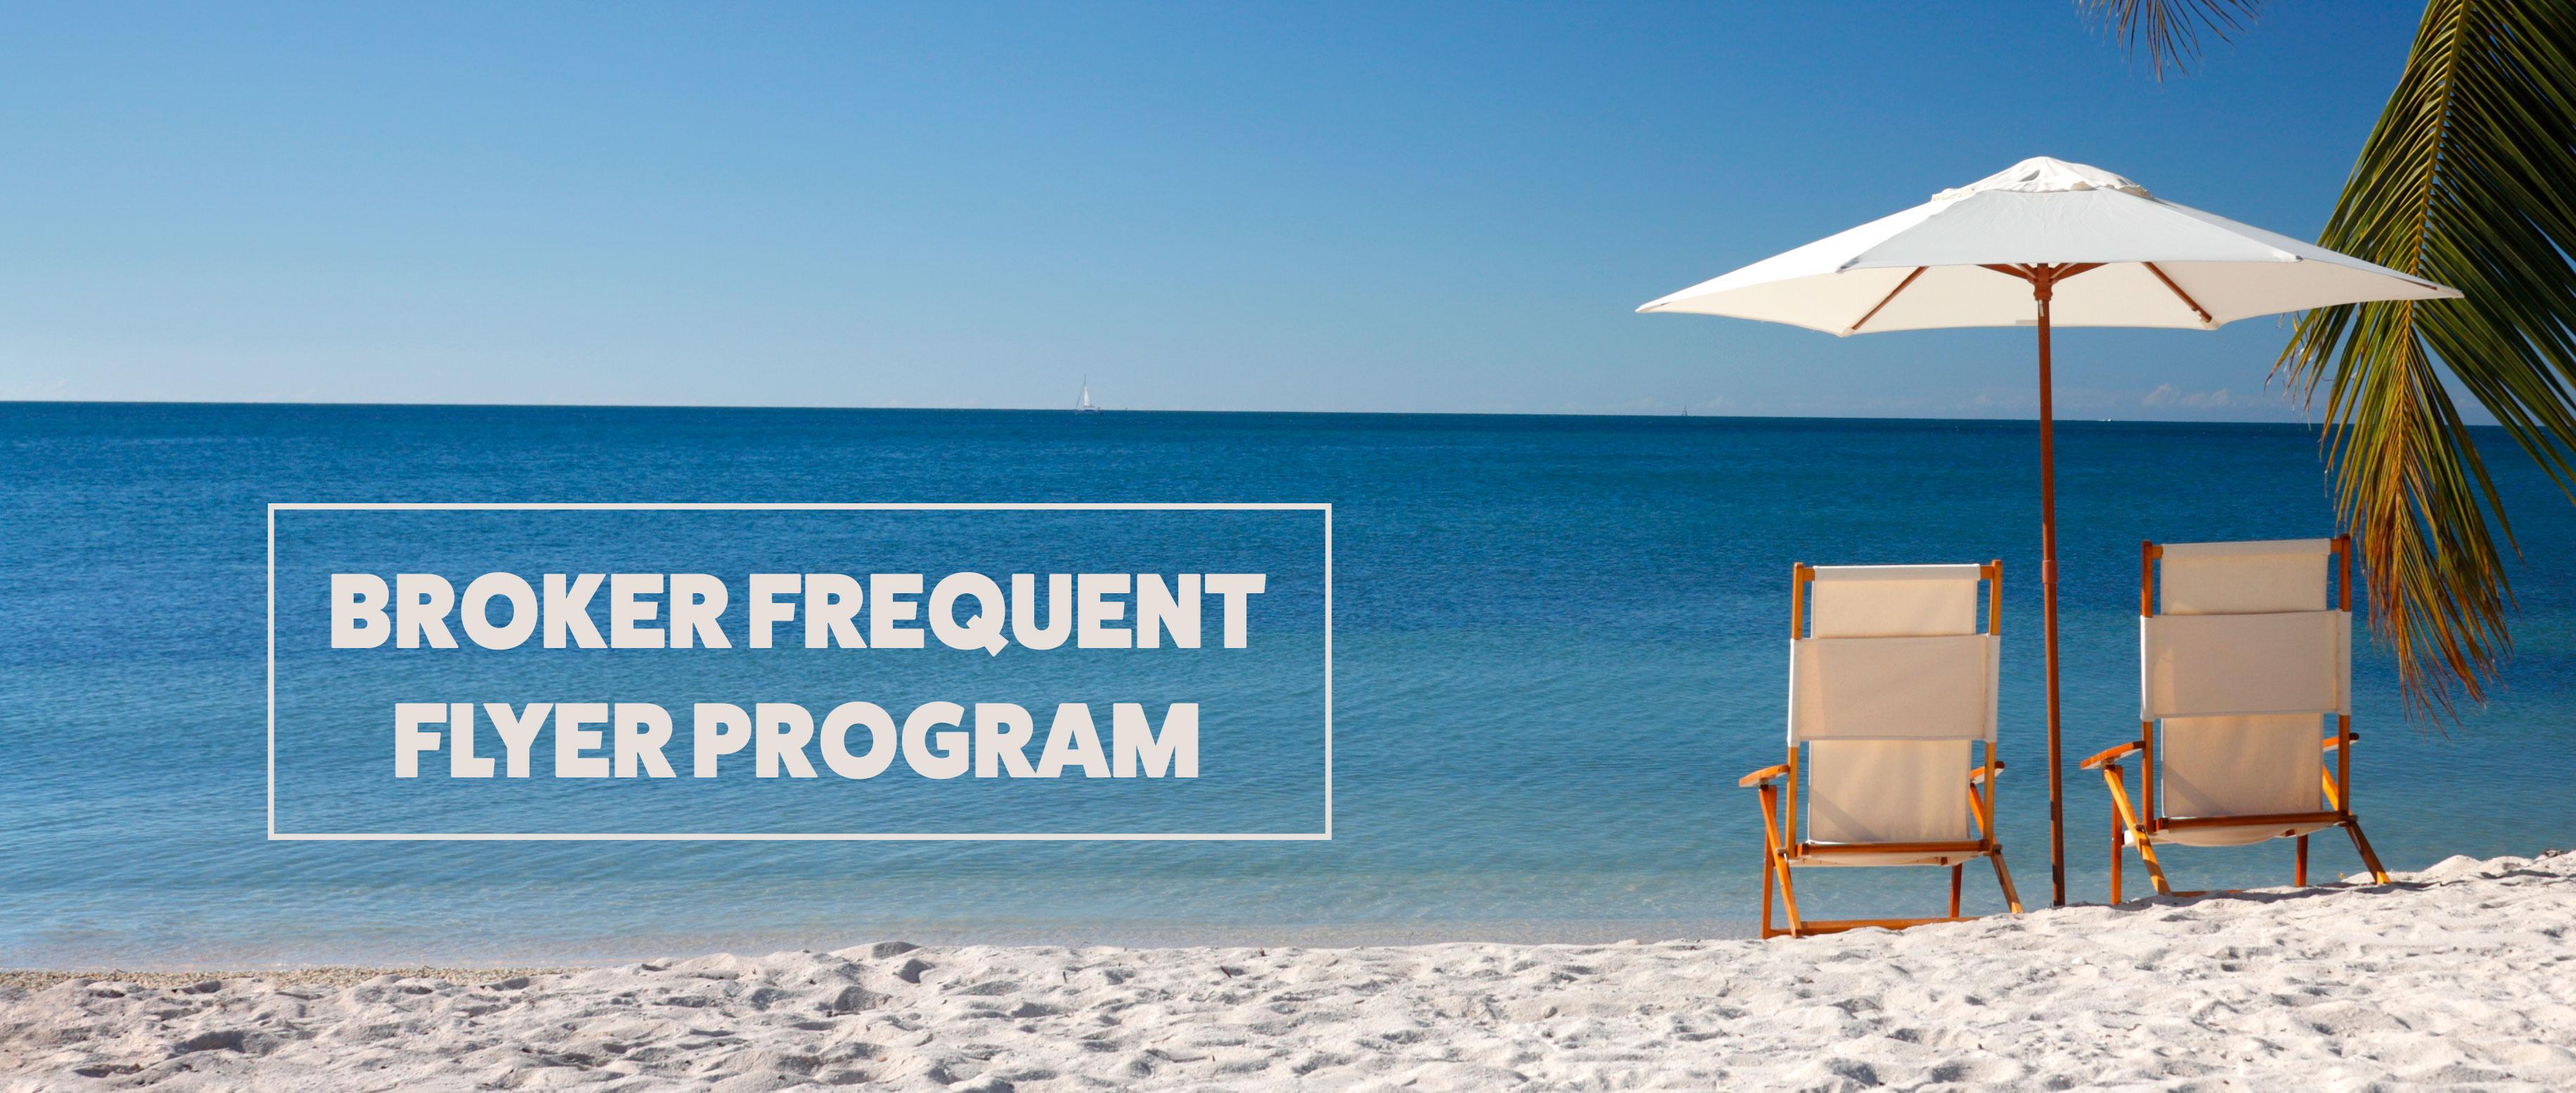 Broker Frequent Flier Program